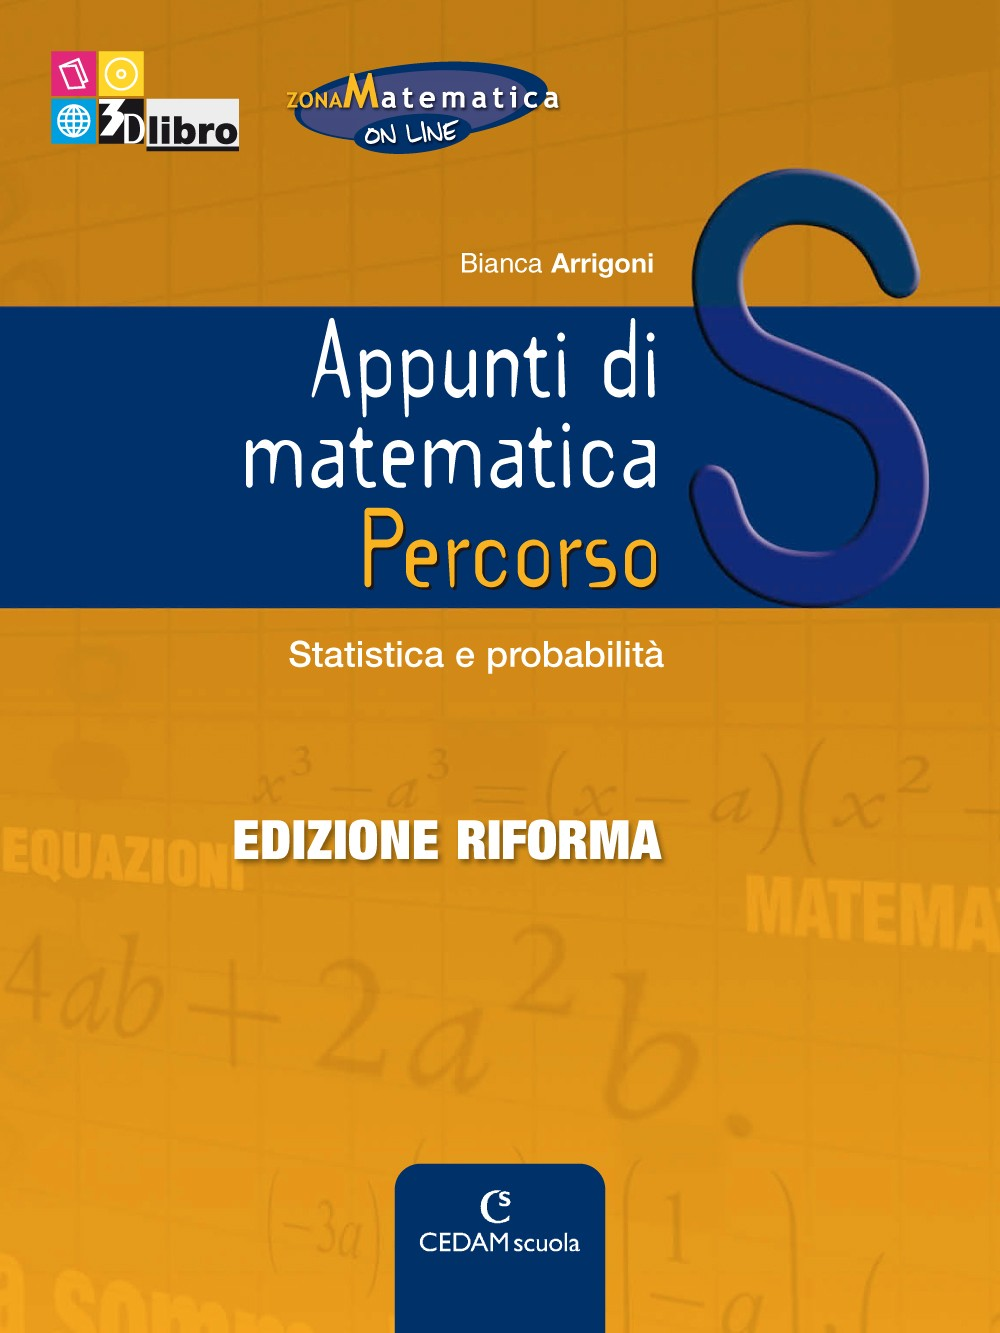 Appunti di matematica Edizione Riforma - Percorso S